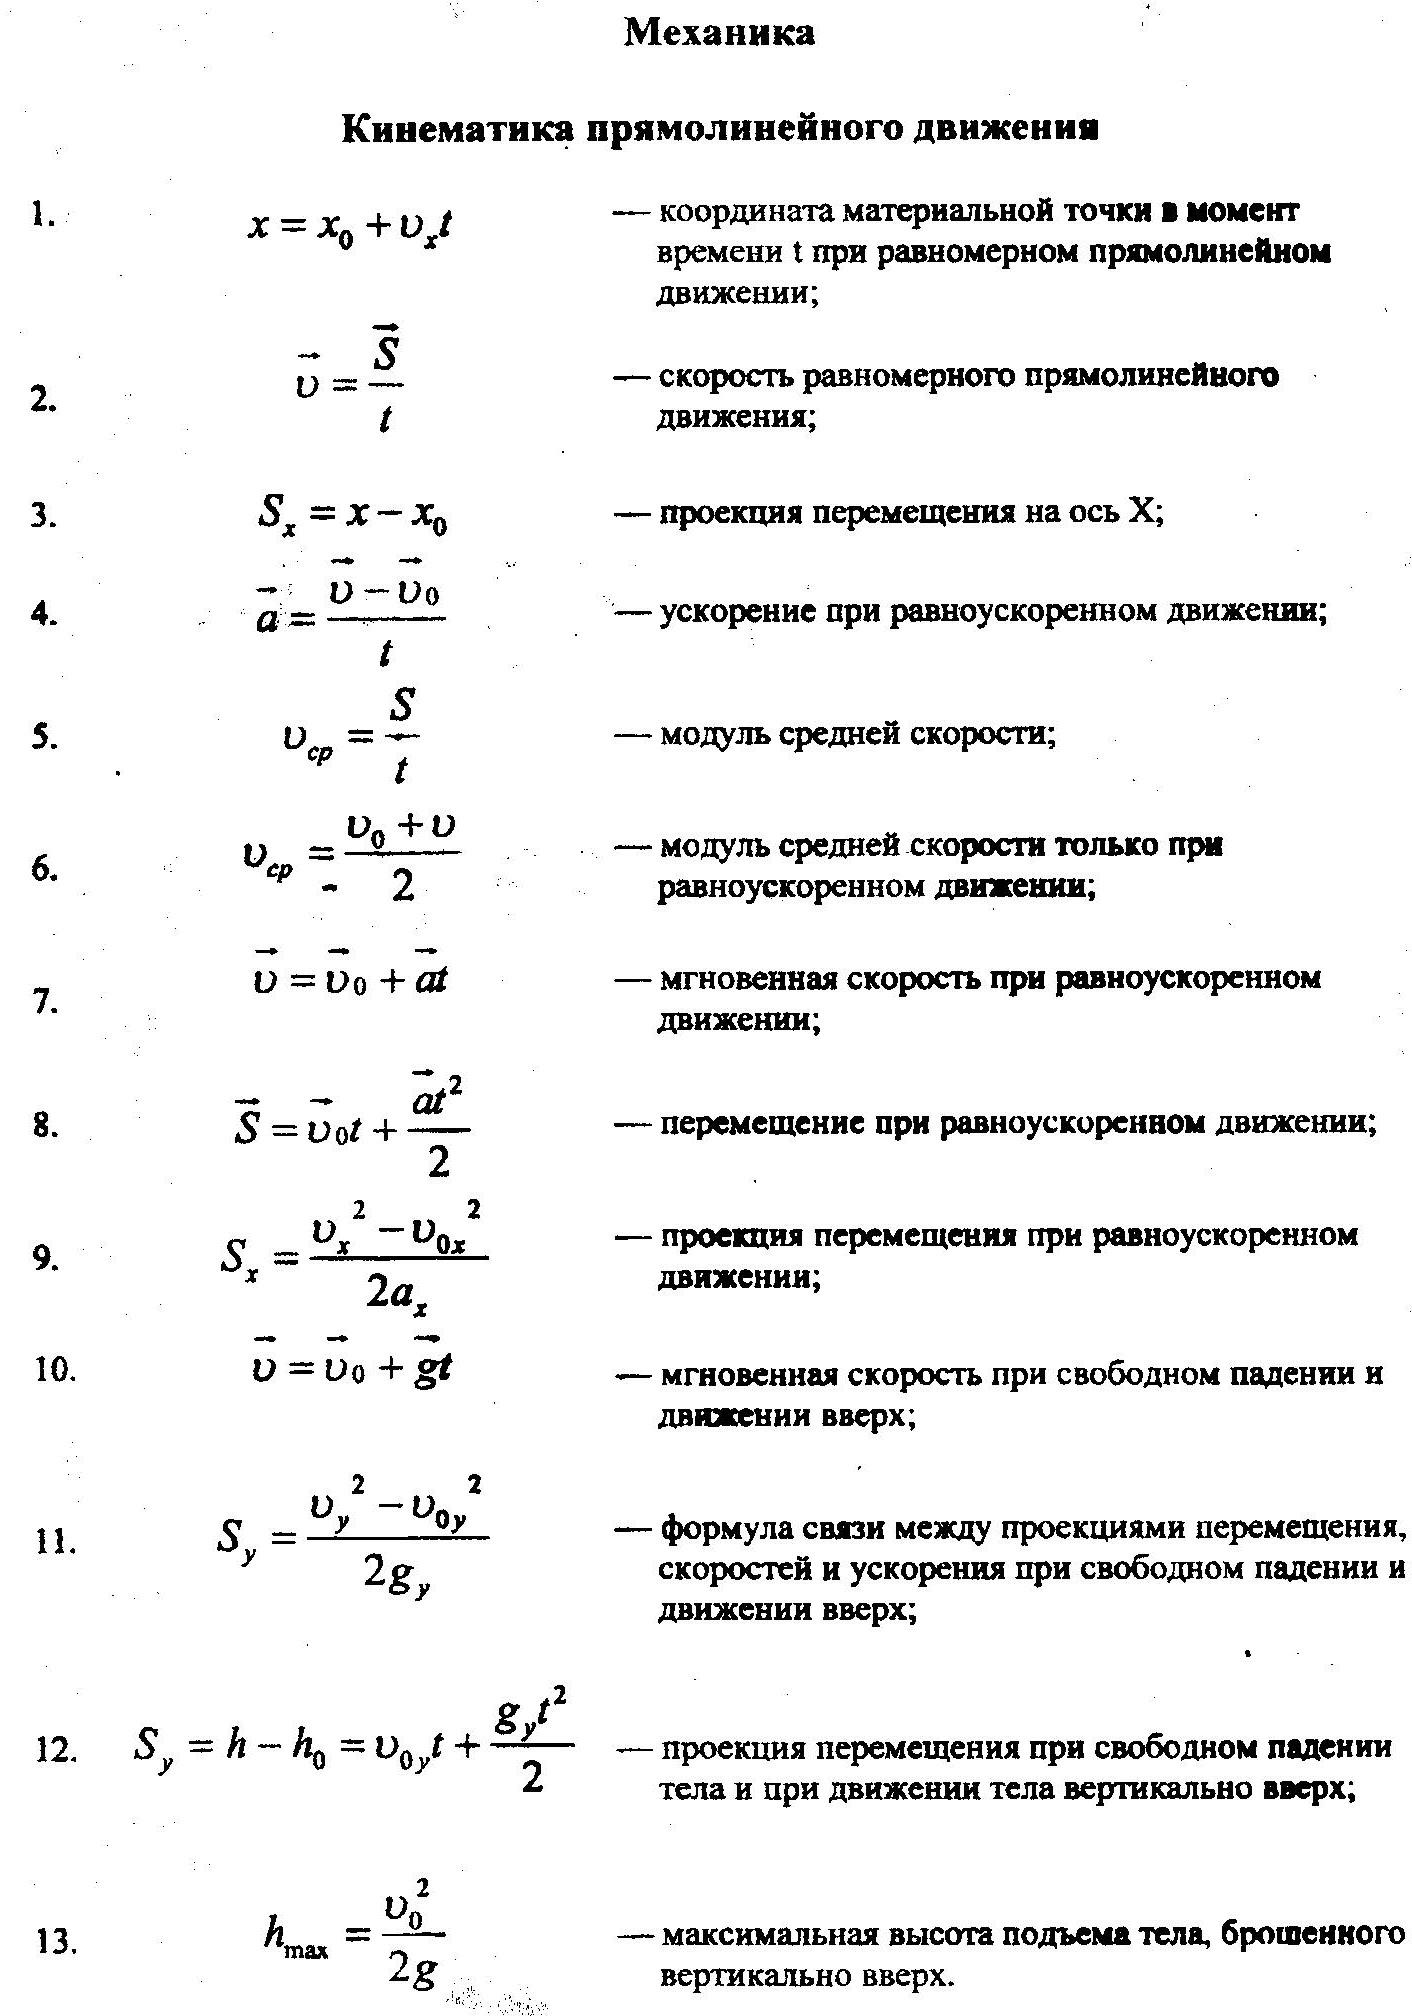 Шпаргалка по физике решения задач 10 класс